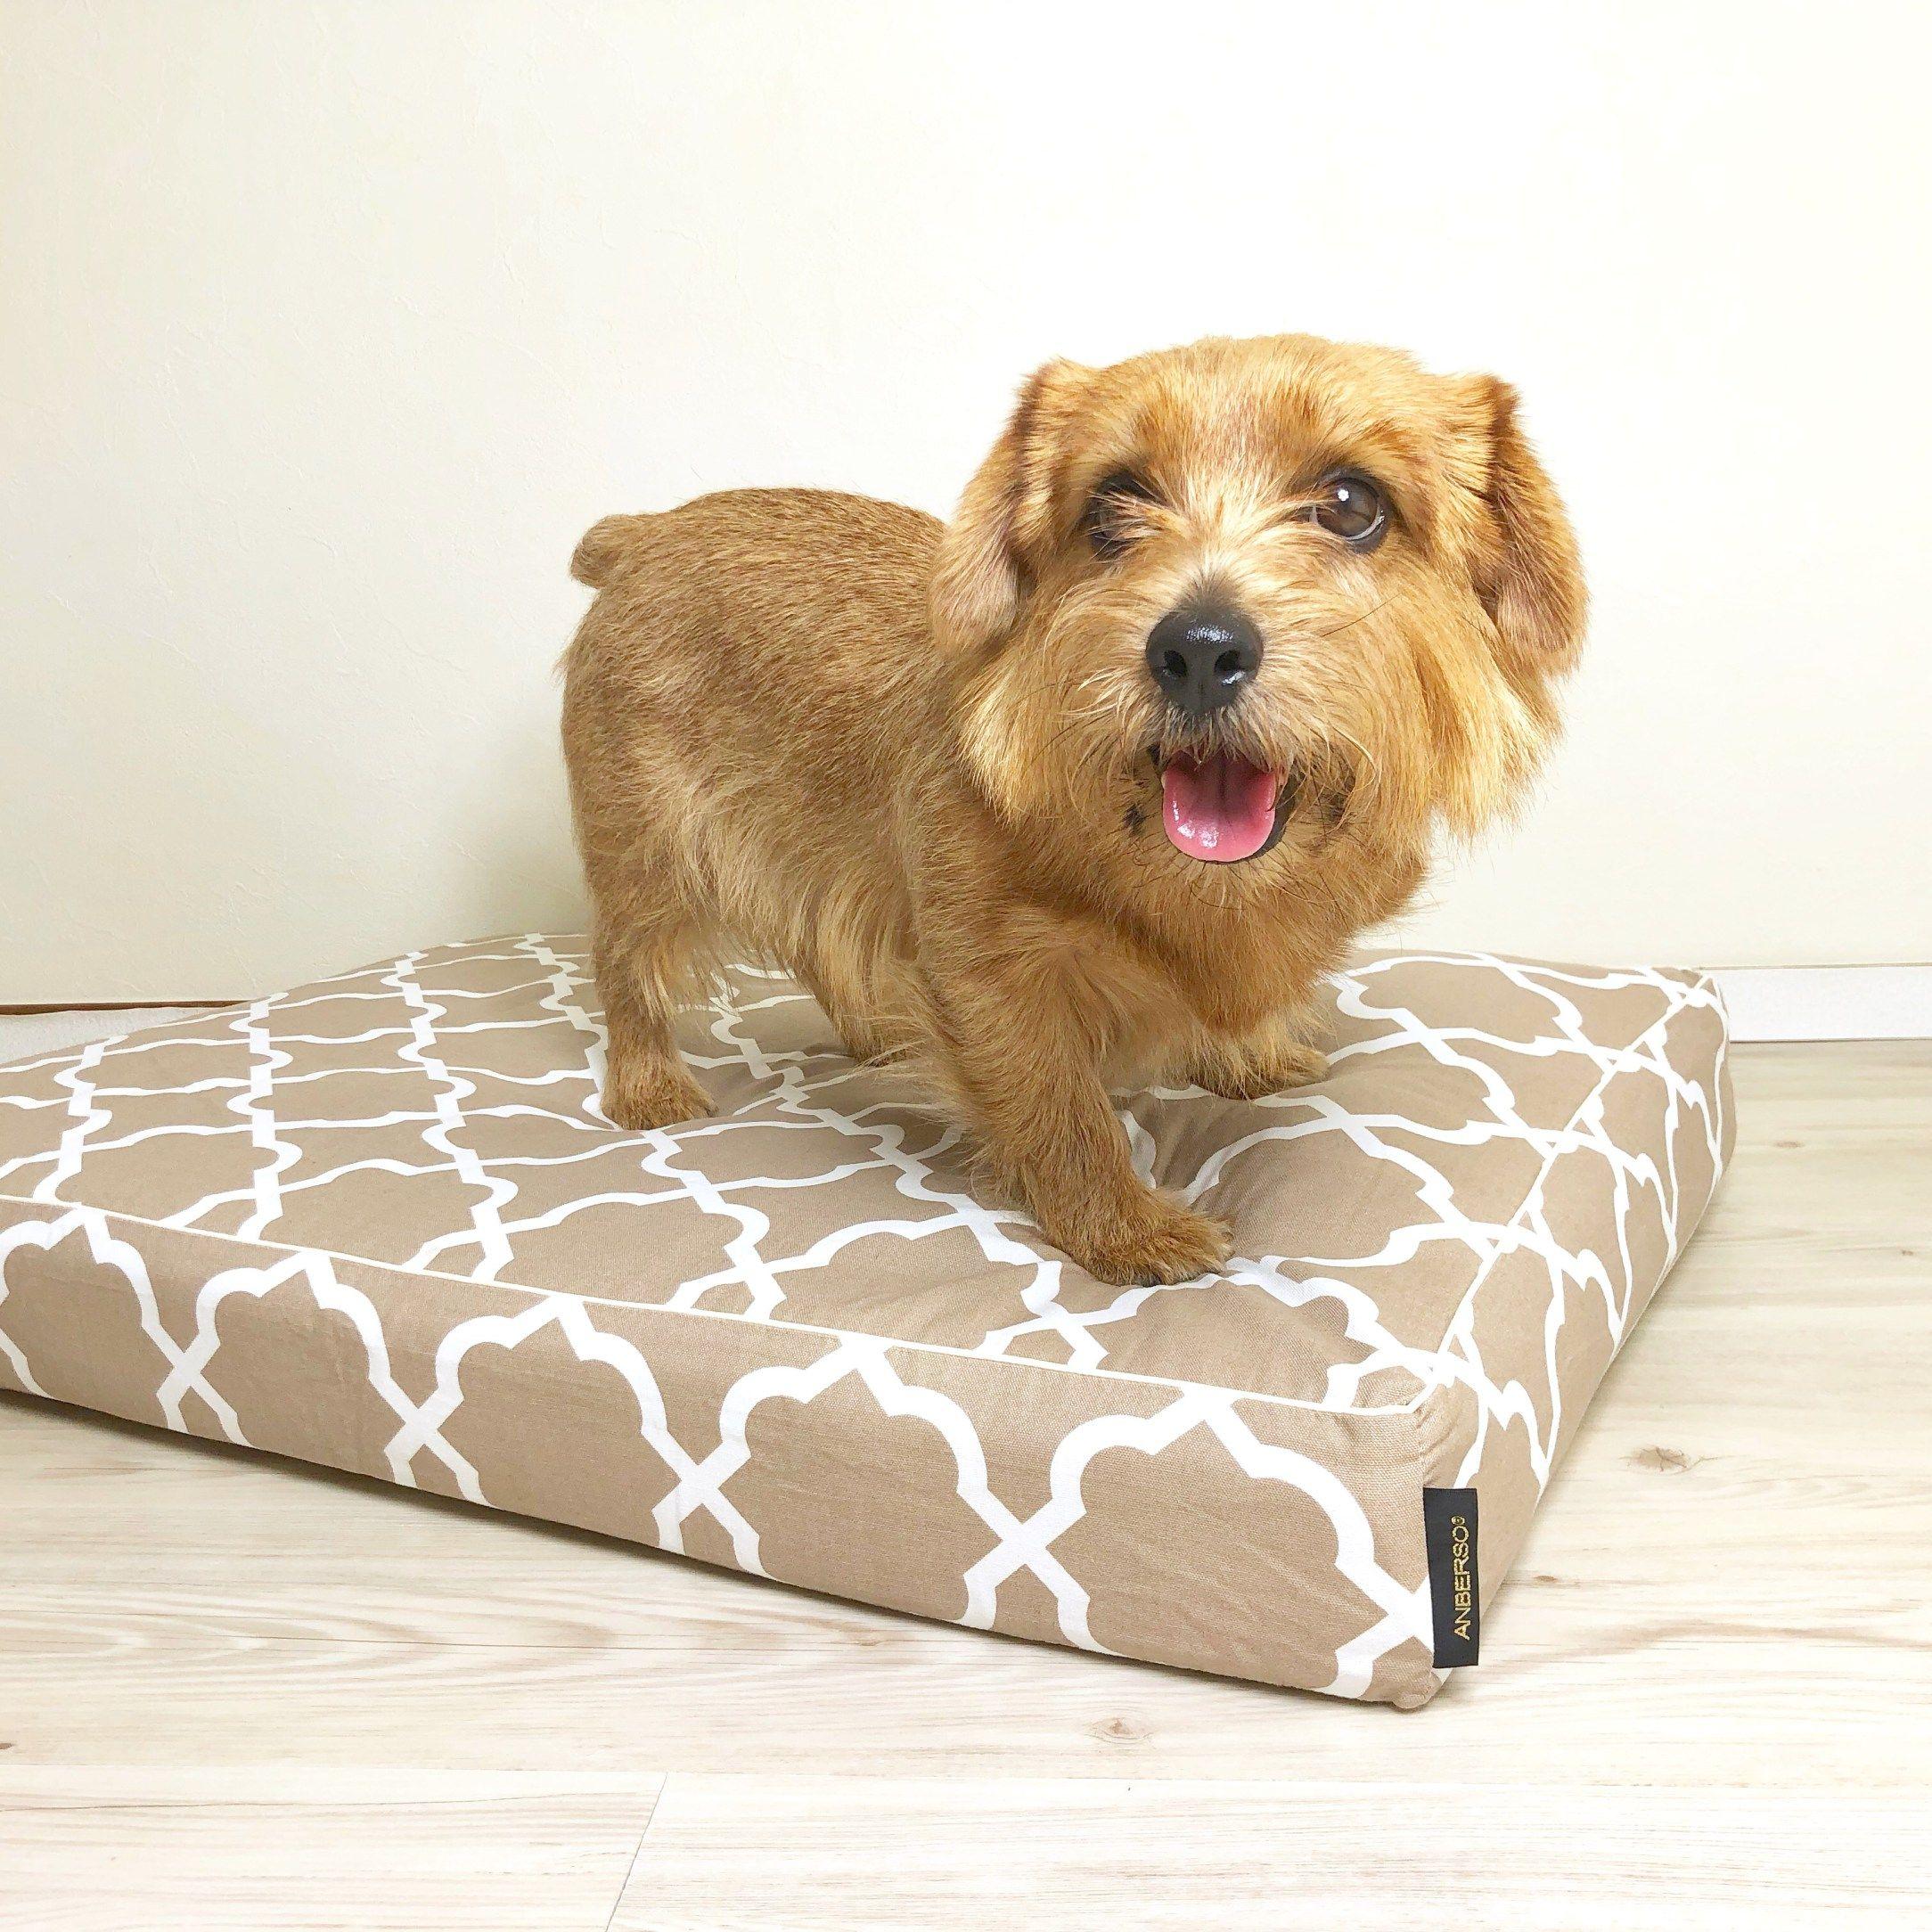 おやつの時間で再びやる気が出てきたメンちゃん 犬のベッド アンベルソ公式ブログ 犬 大型犬 小型犬